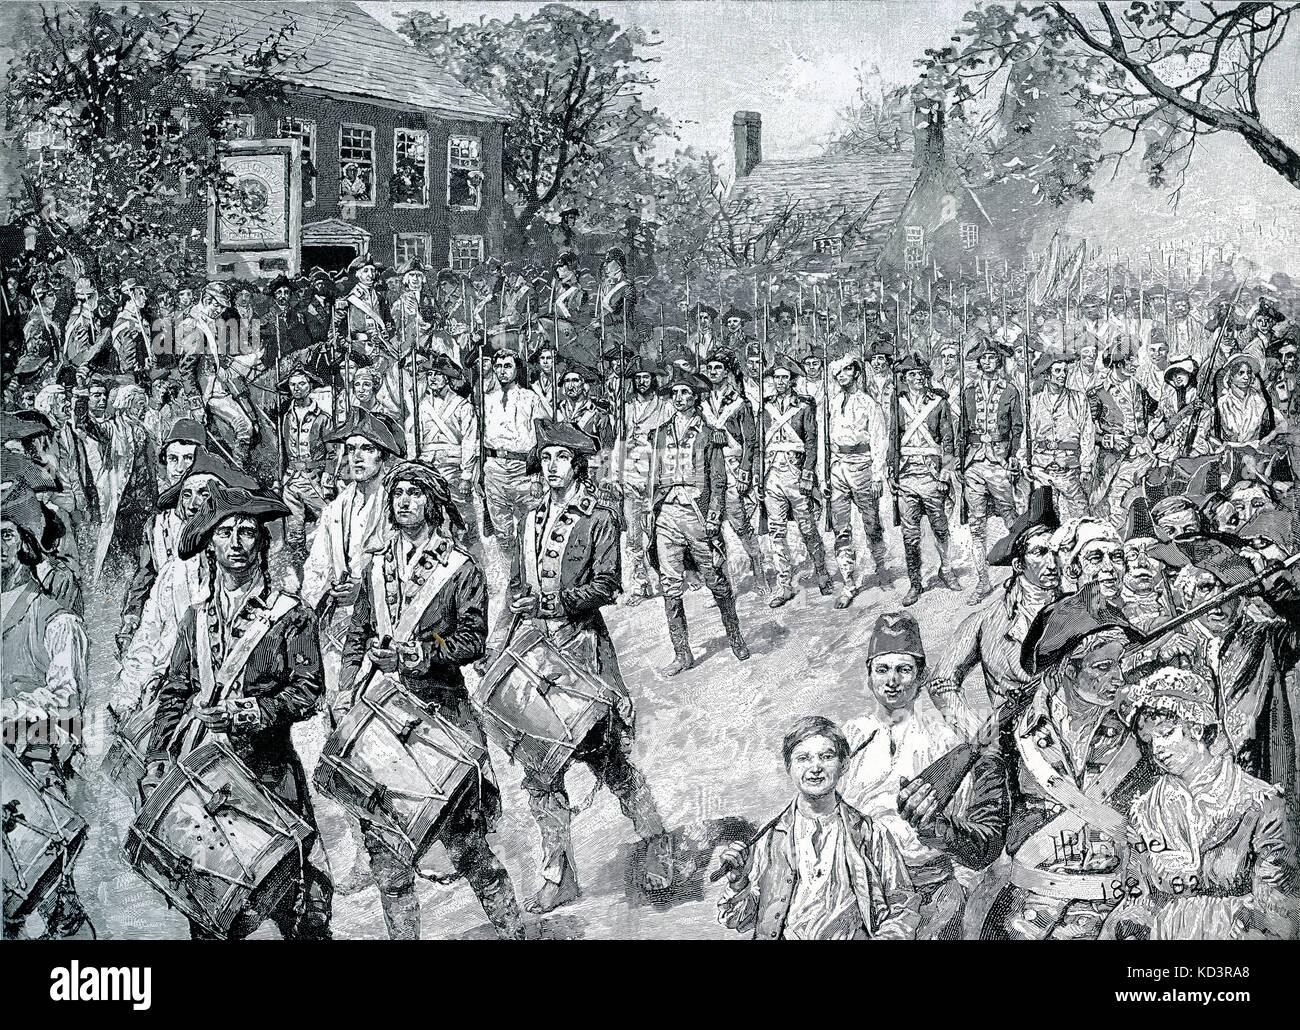 L'armée continentale a marché dans Old Bowery, New York, 25 novembre 1783. Les forces de Washington prennent la posession de New York à la fin de la Révolution américaine. Illustration de Howard Pyle, 1896 Banque D'Images